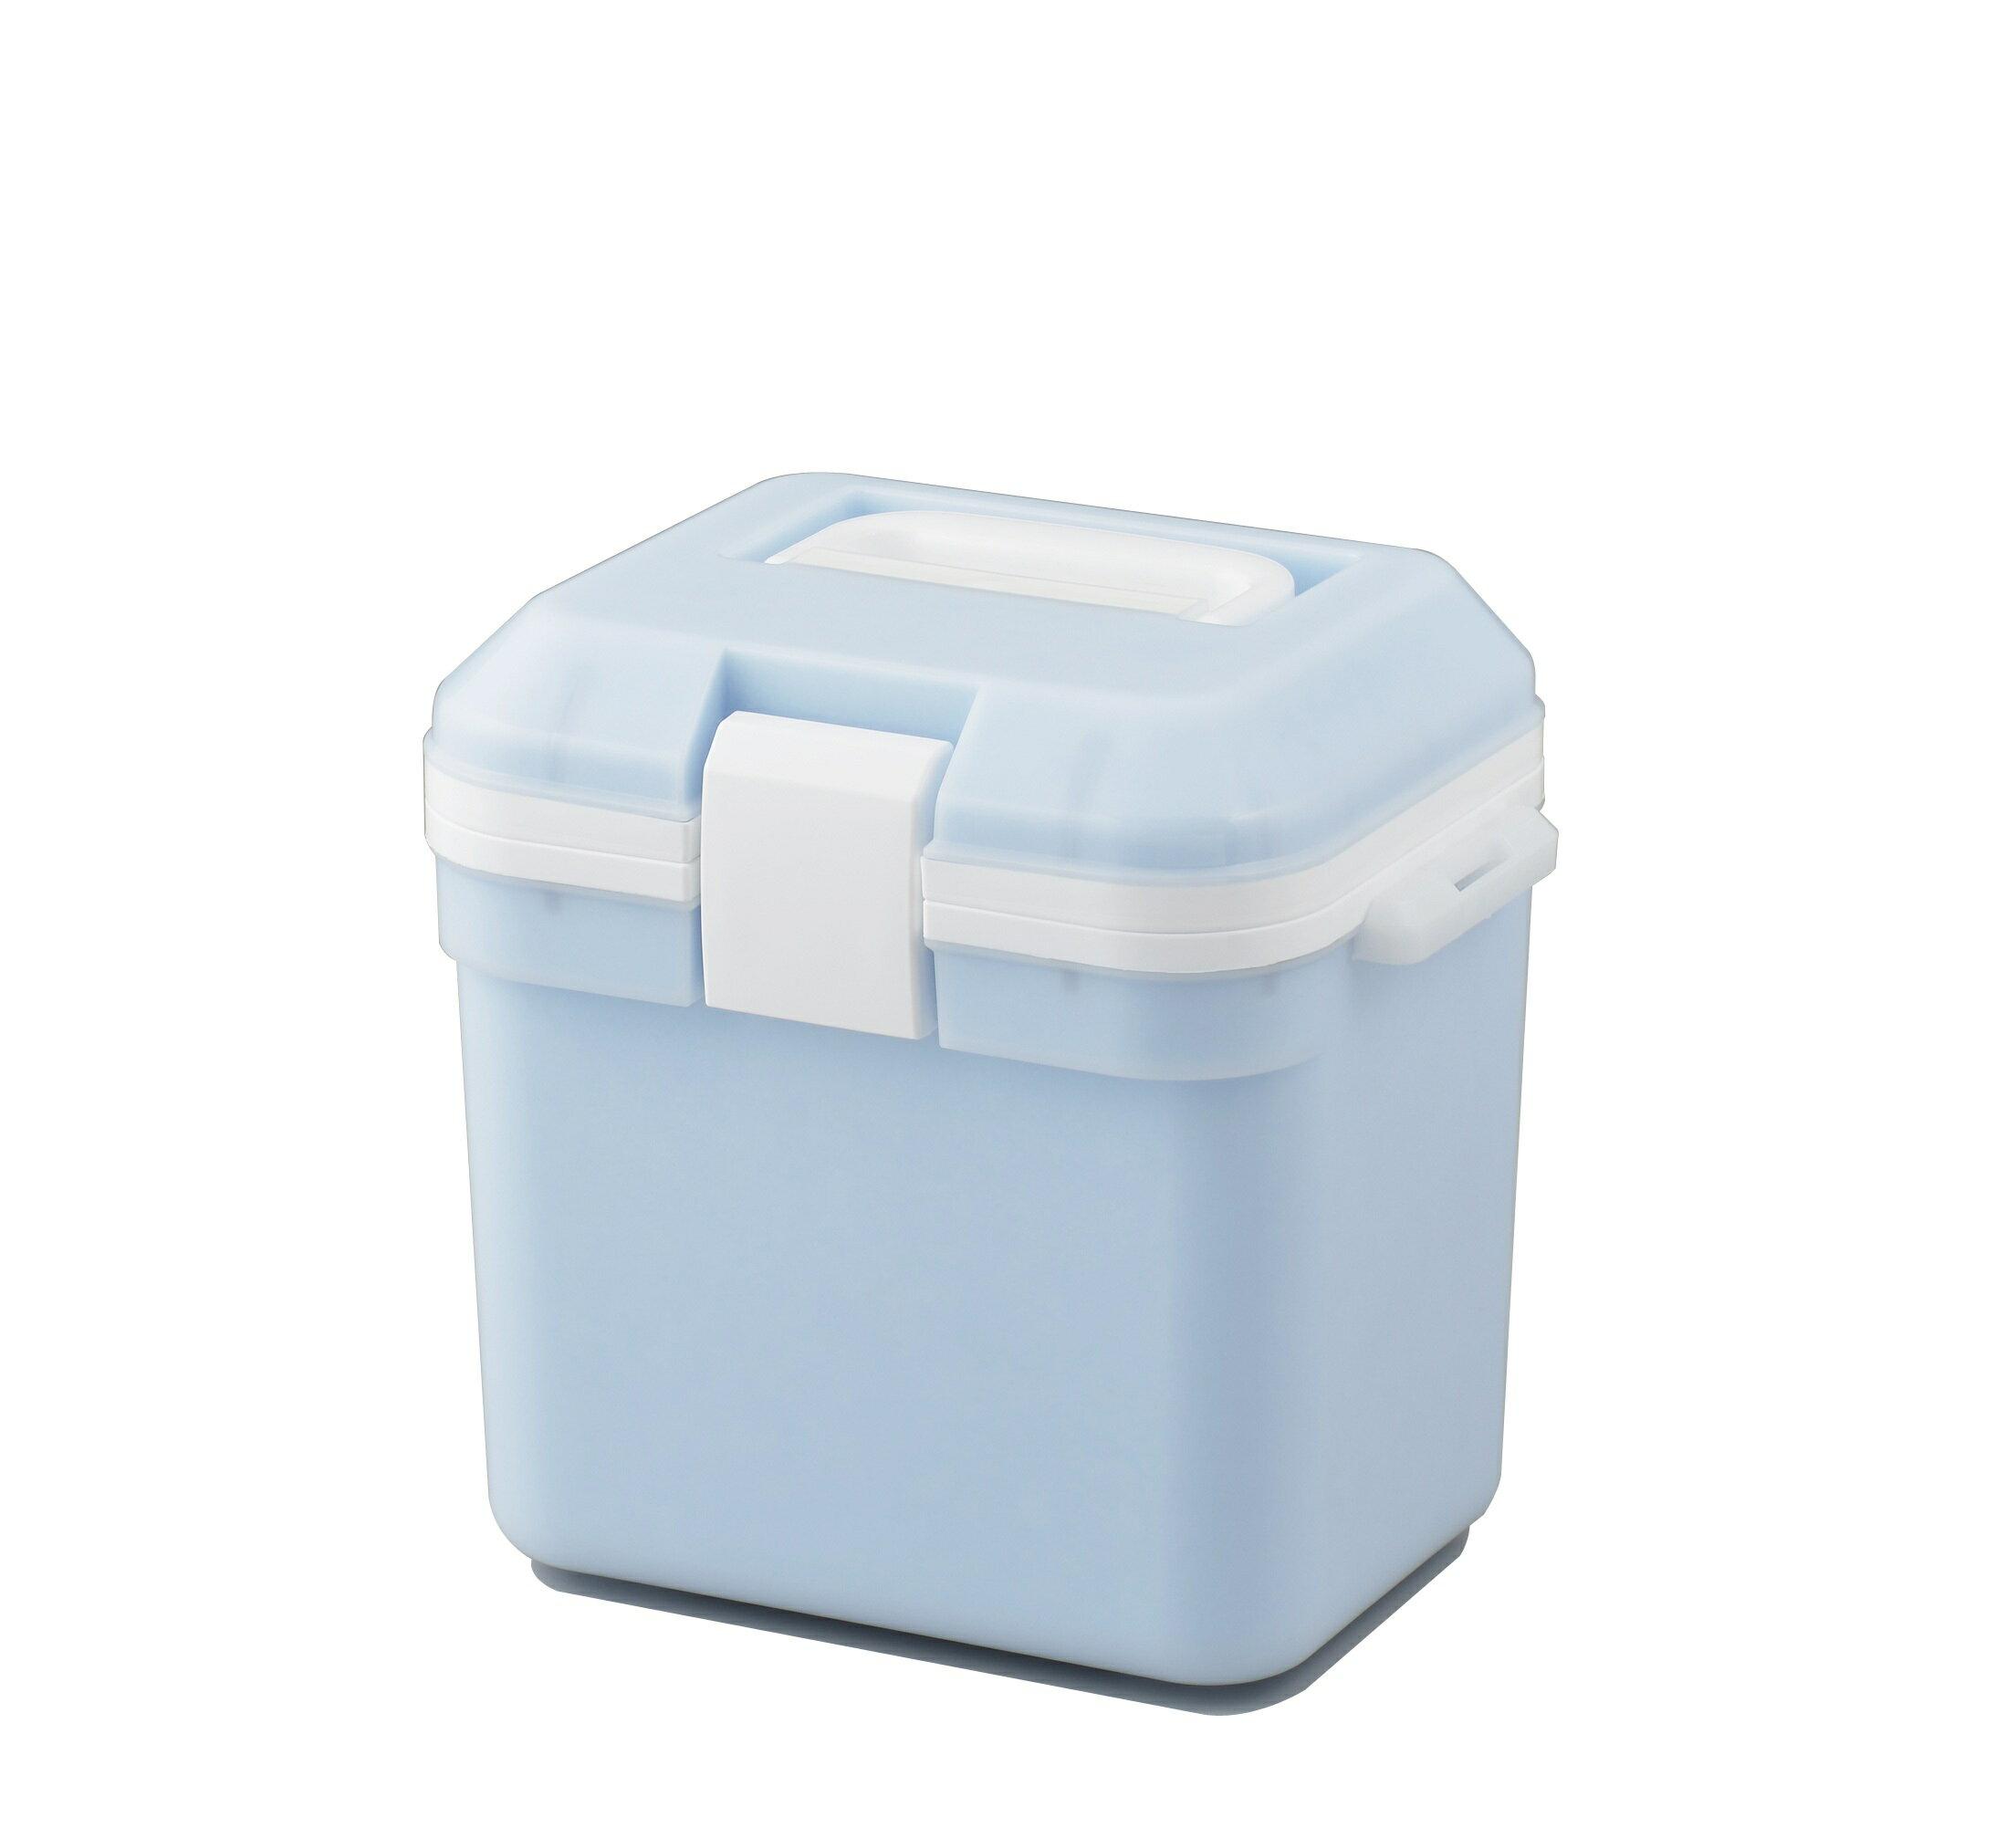 製 Frappe 限定款戶外保溫冰桶 7公升(單賣鎖扣掀蓋 )